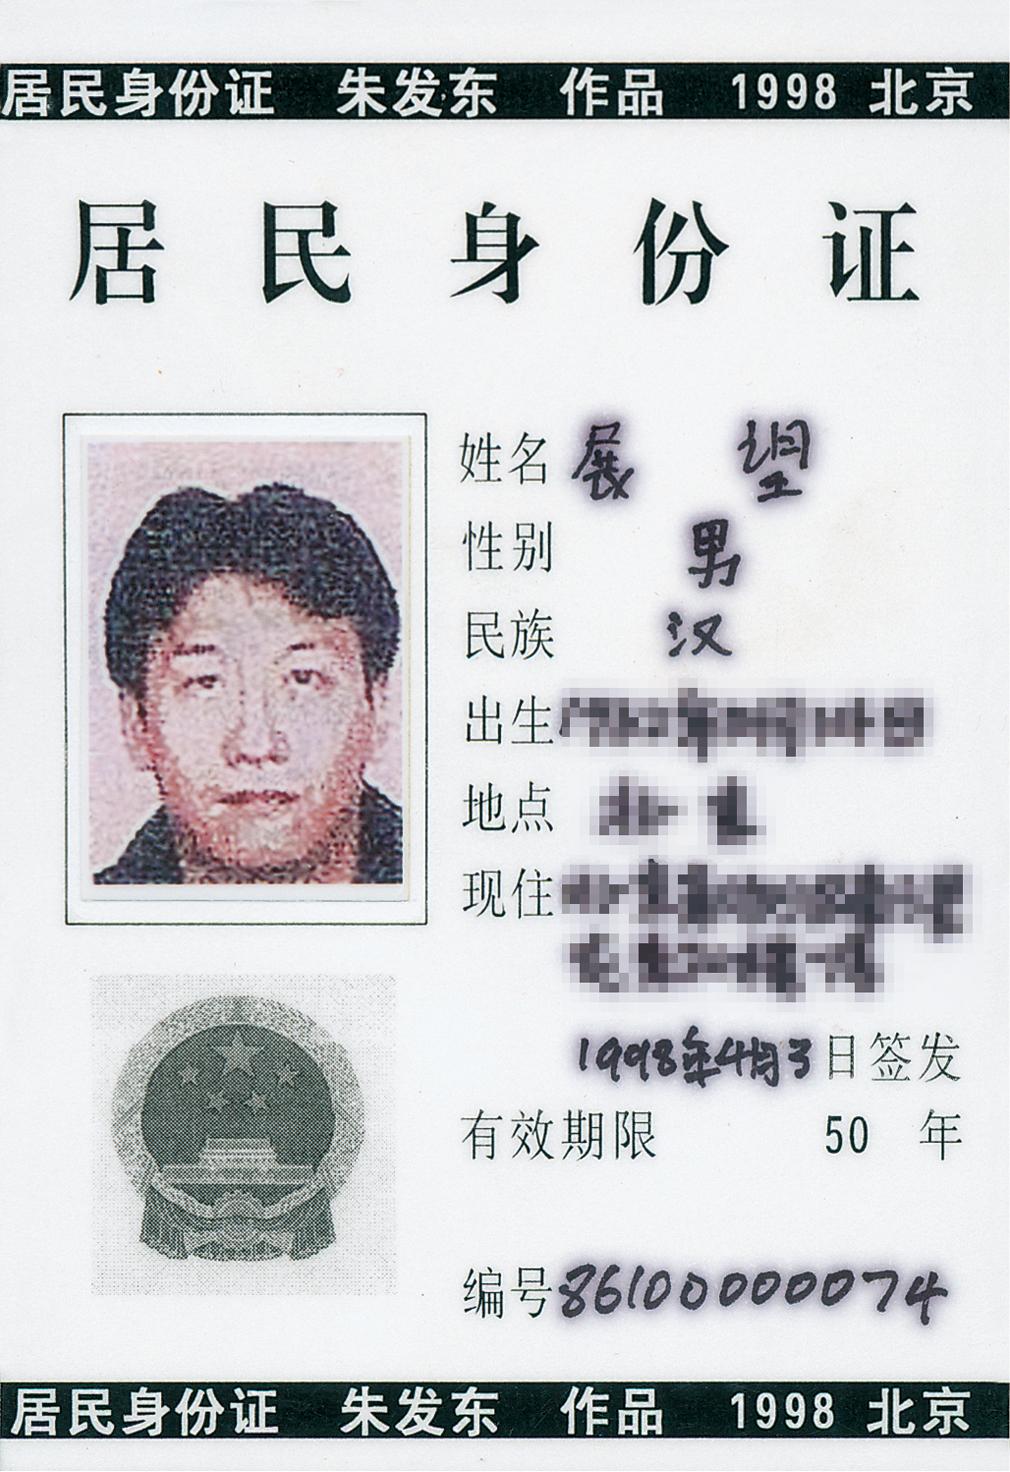 身份拍卖—身份证之展望